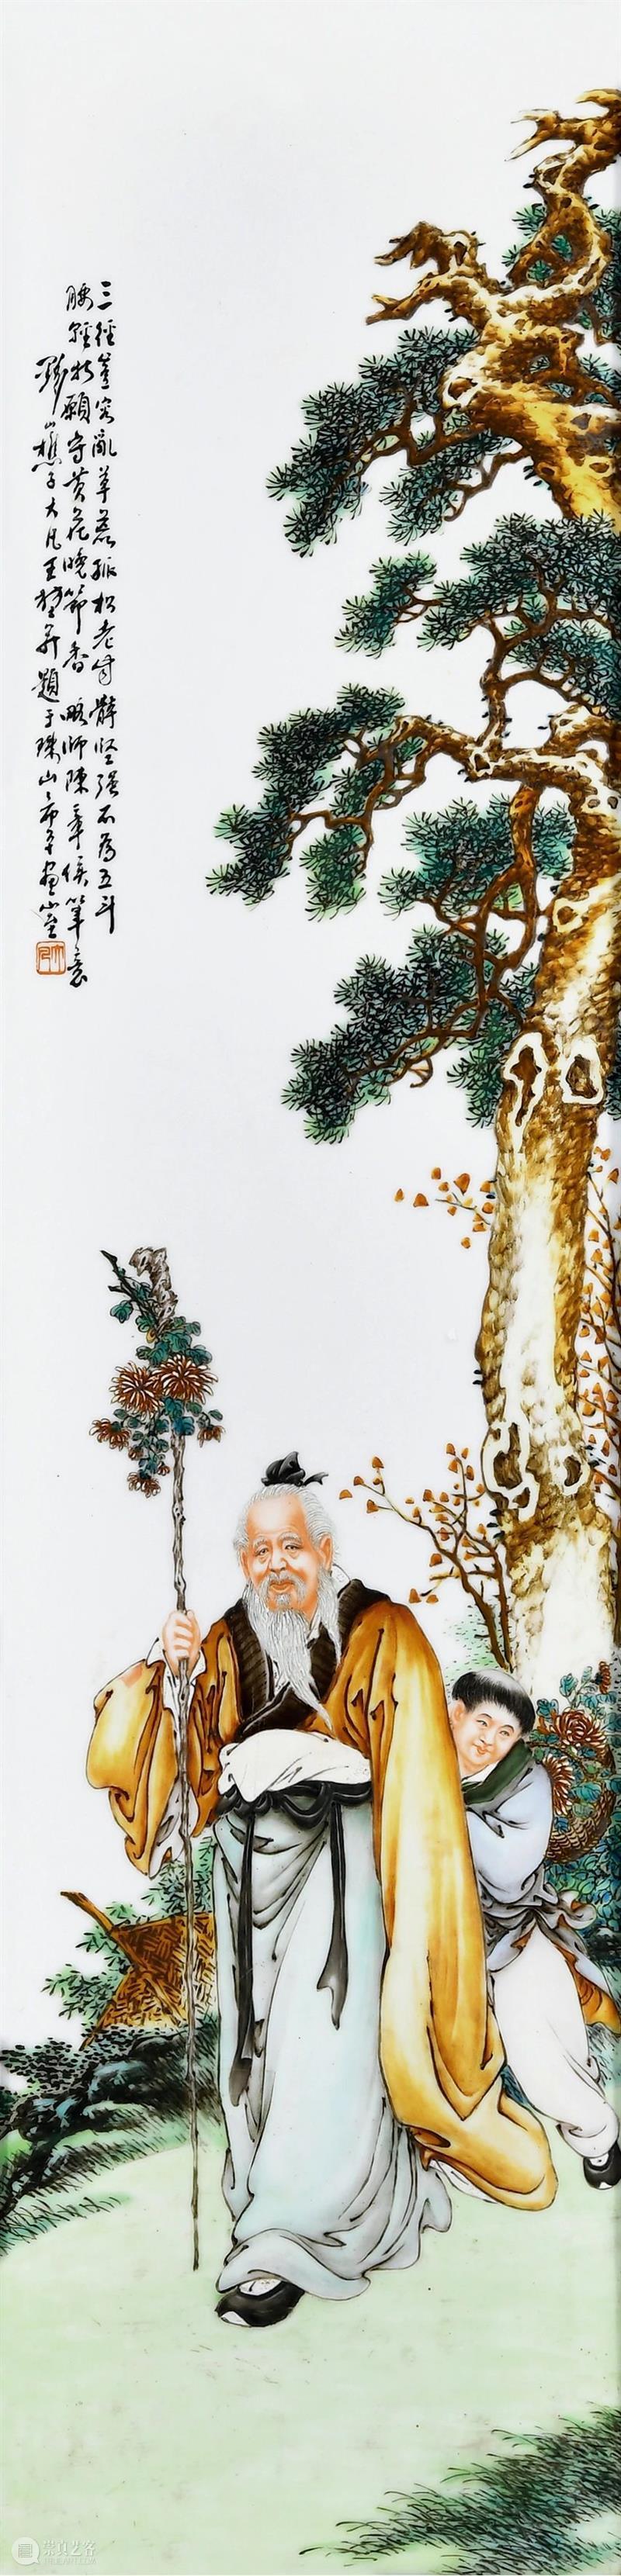 『中贸圣佳25周年春拍』   琳琅焕彩 锦上添华 — 王大凡作品赏析 锦上 王大凡 作品 琳琅焕彩 拍卖会 Sungari Anniversary Auction瓷艺 丹青 近现代 崇真艺客